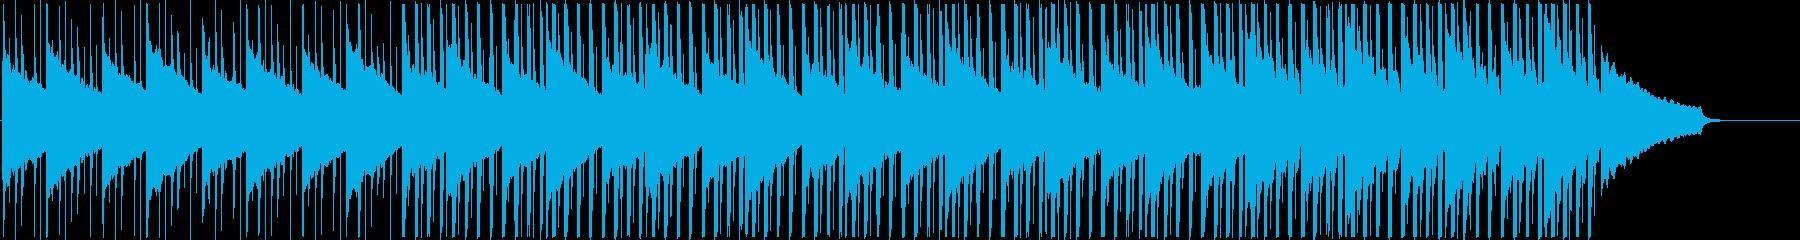 企業VPに 優しい穏やかなハウスMの再生済みの波形